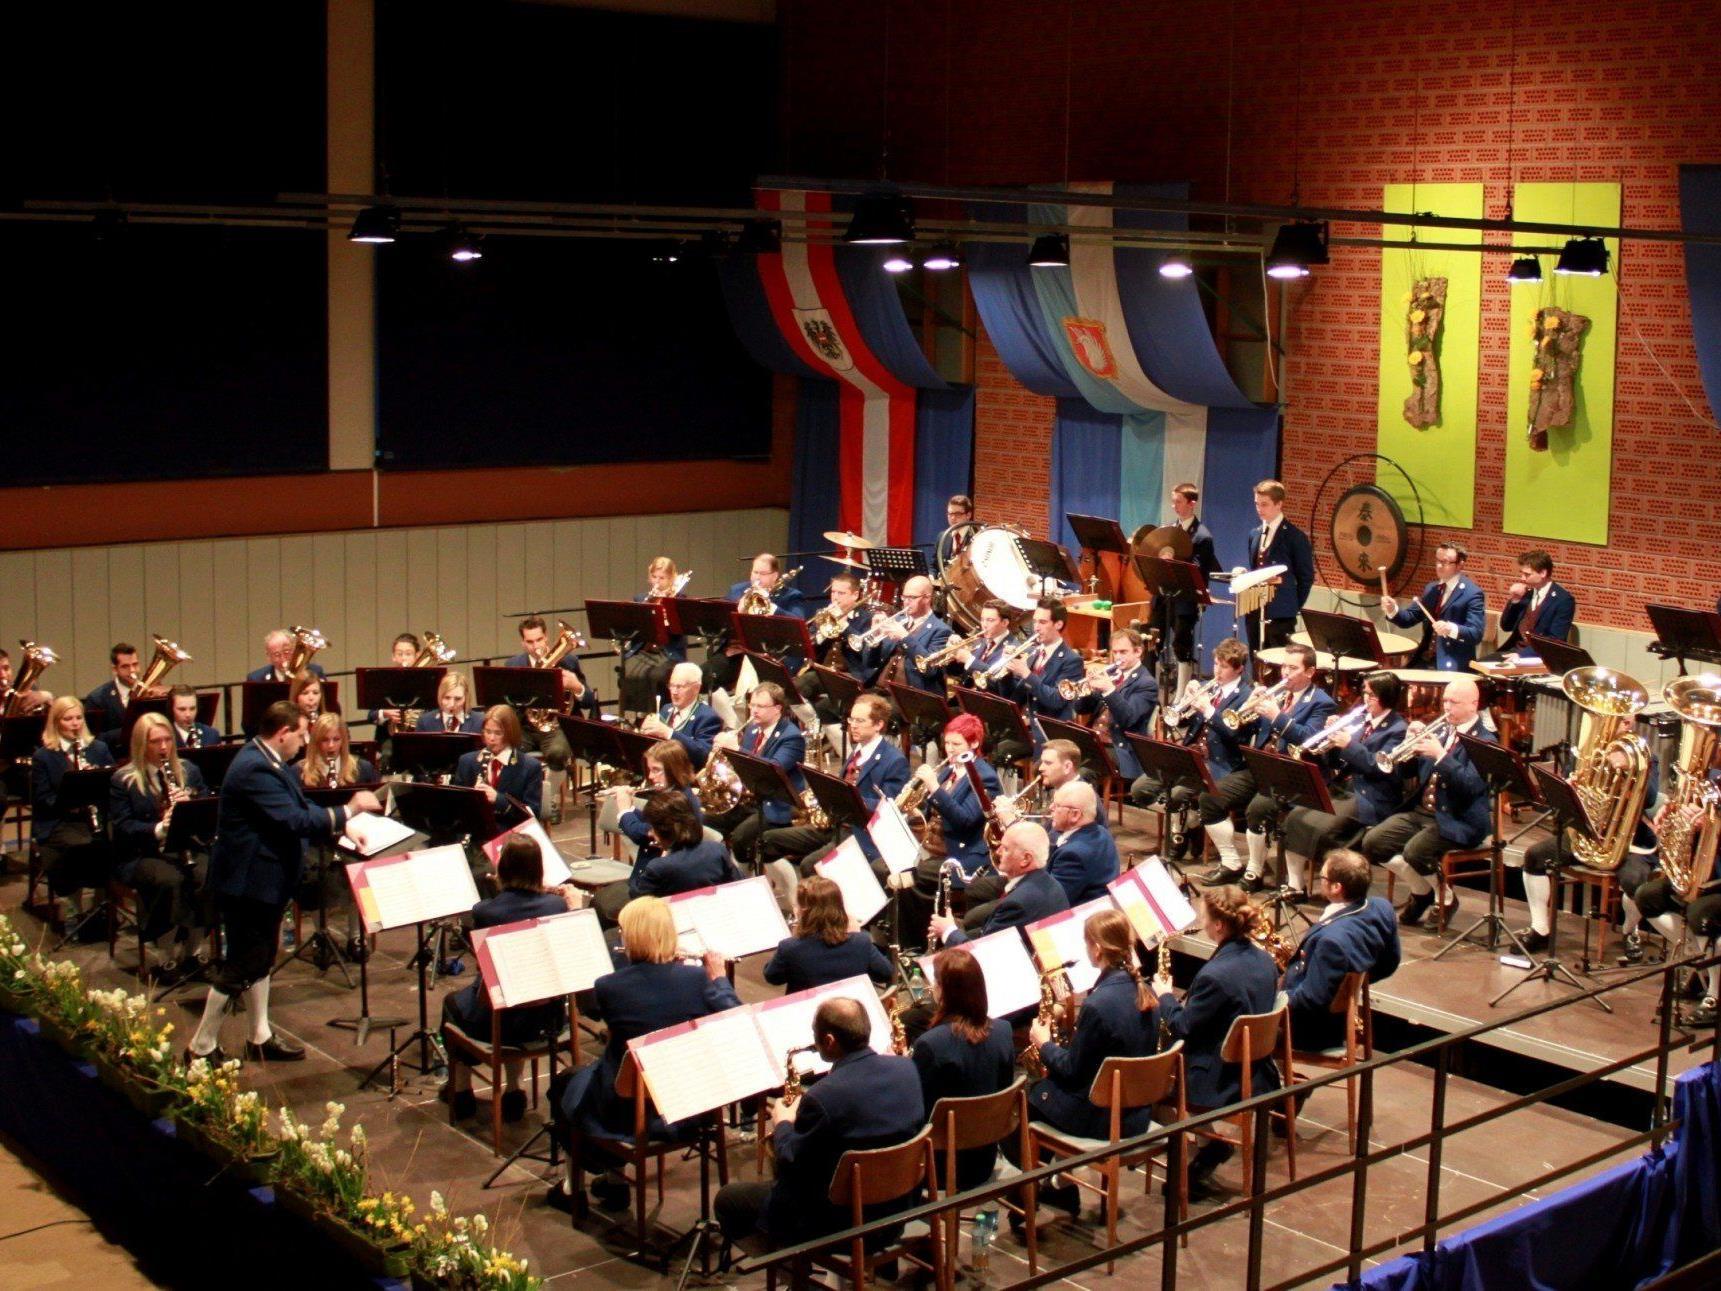 Kraftvoller Auftritt des Musikvereines Lochau beim traditionellen Frühlingskonzert in der Sporthalle.